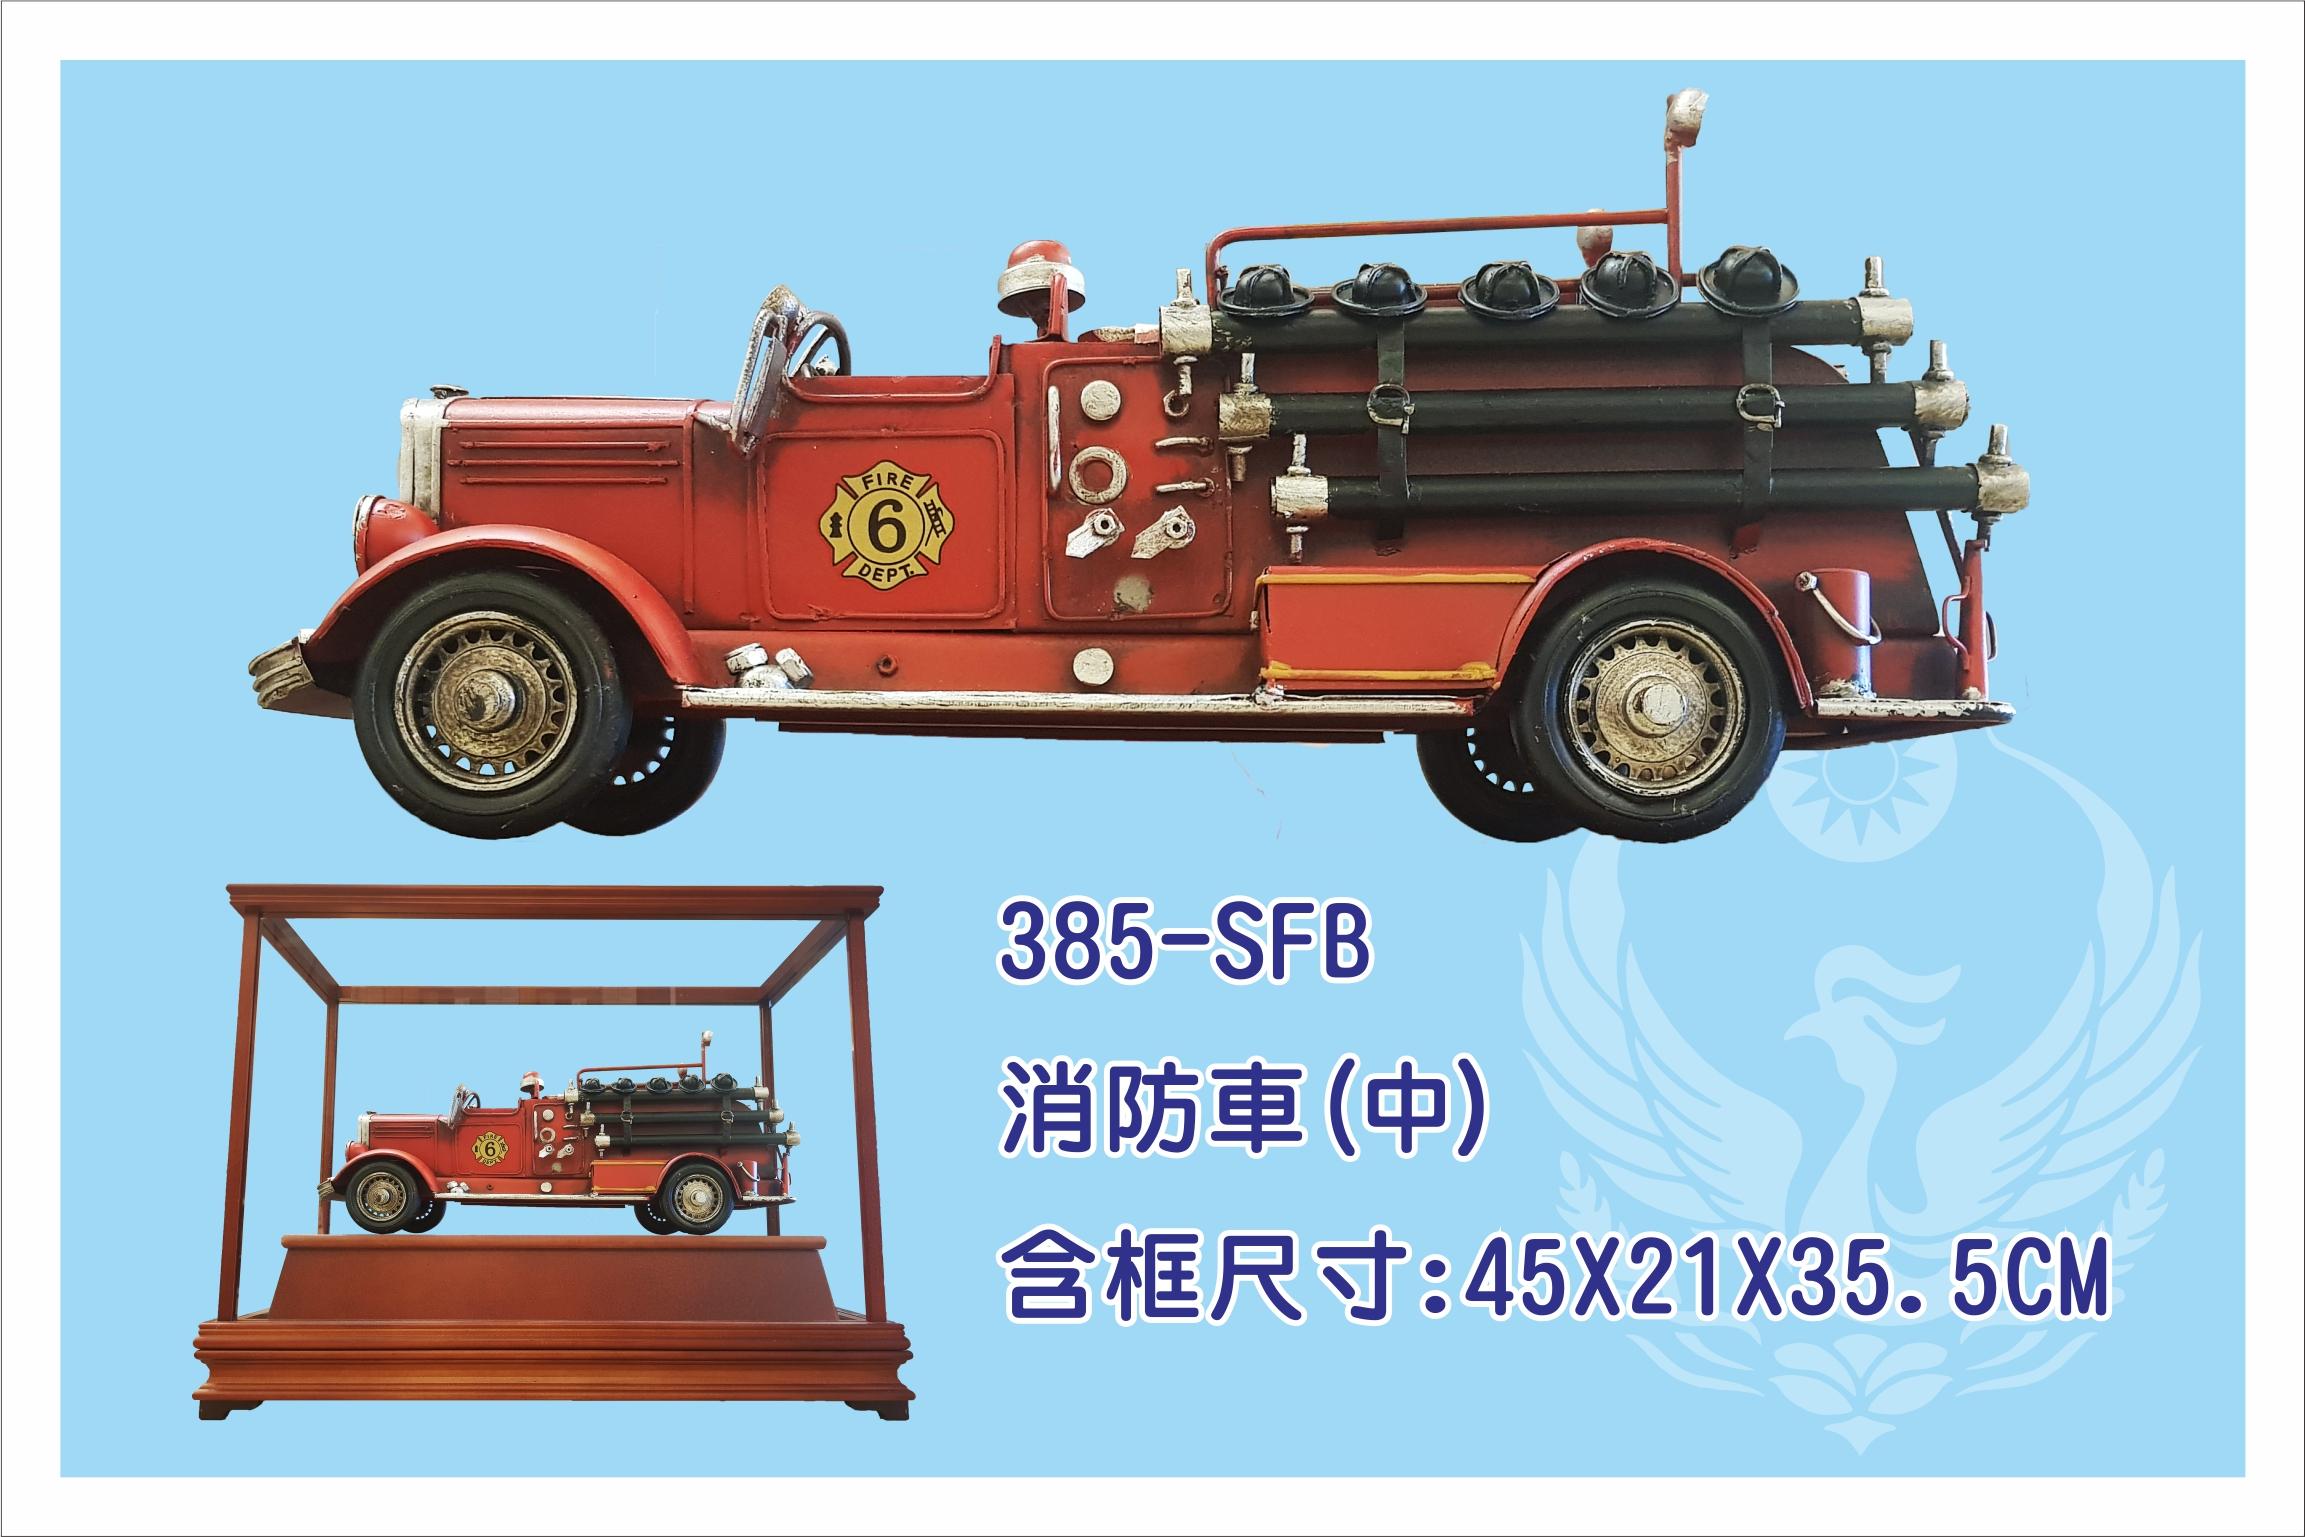 仿古鐵皮消防車(中) 385-SFB